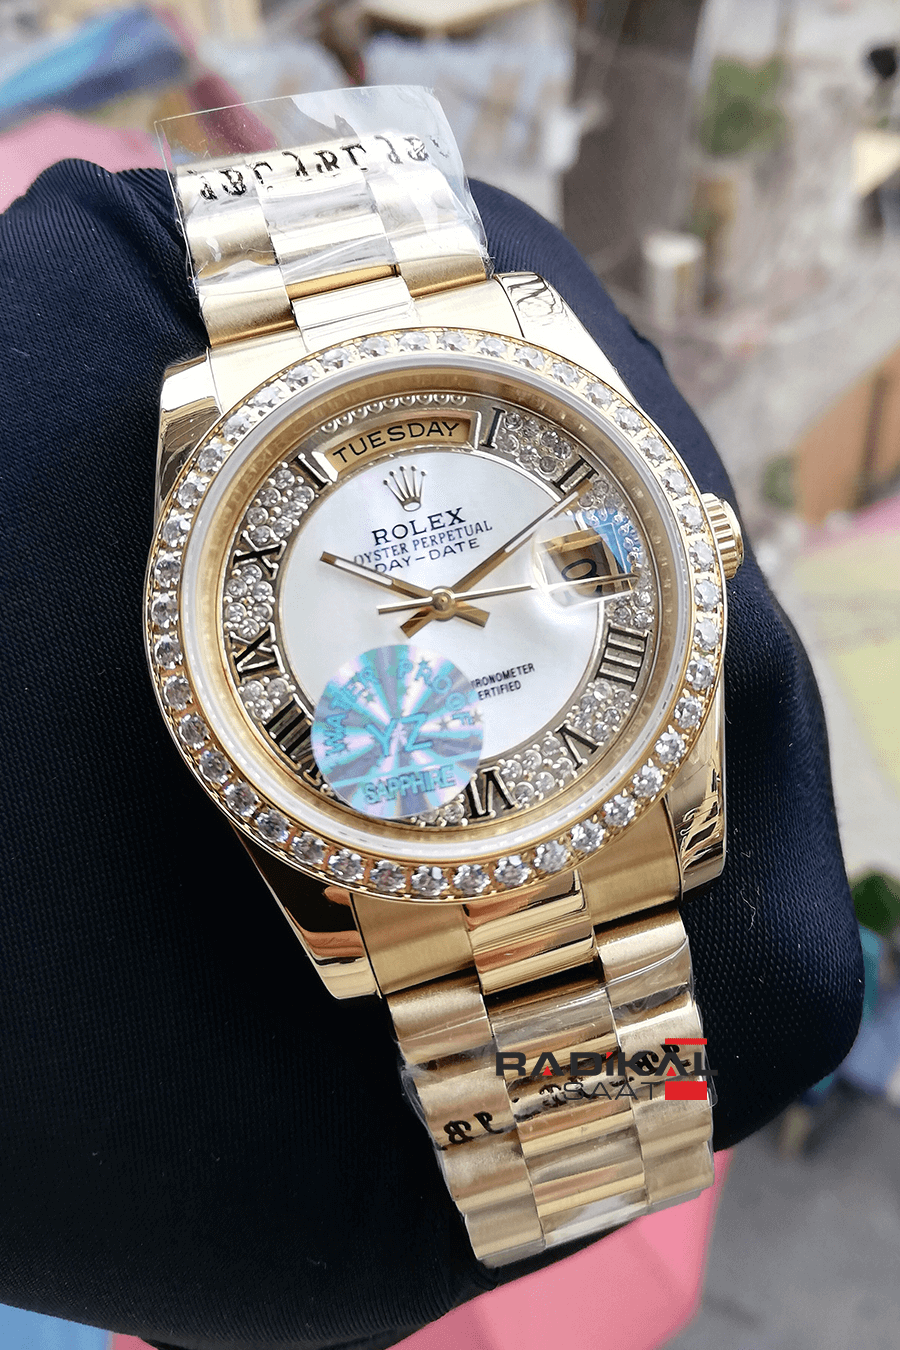 Rolex Day Date Rolex Saat Replika Saat Replika Rolex Saat Replika